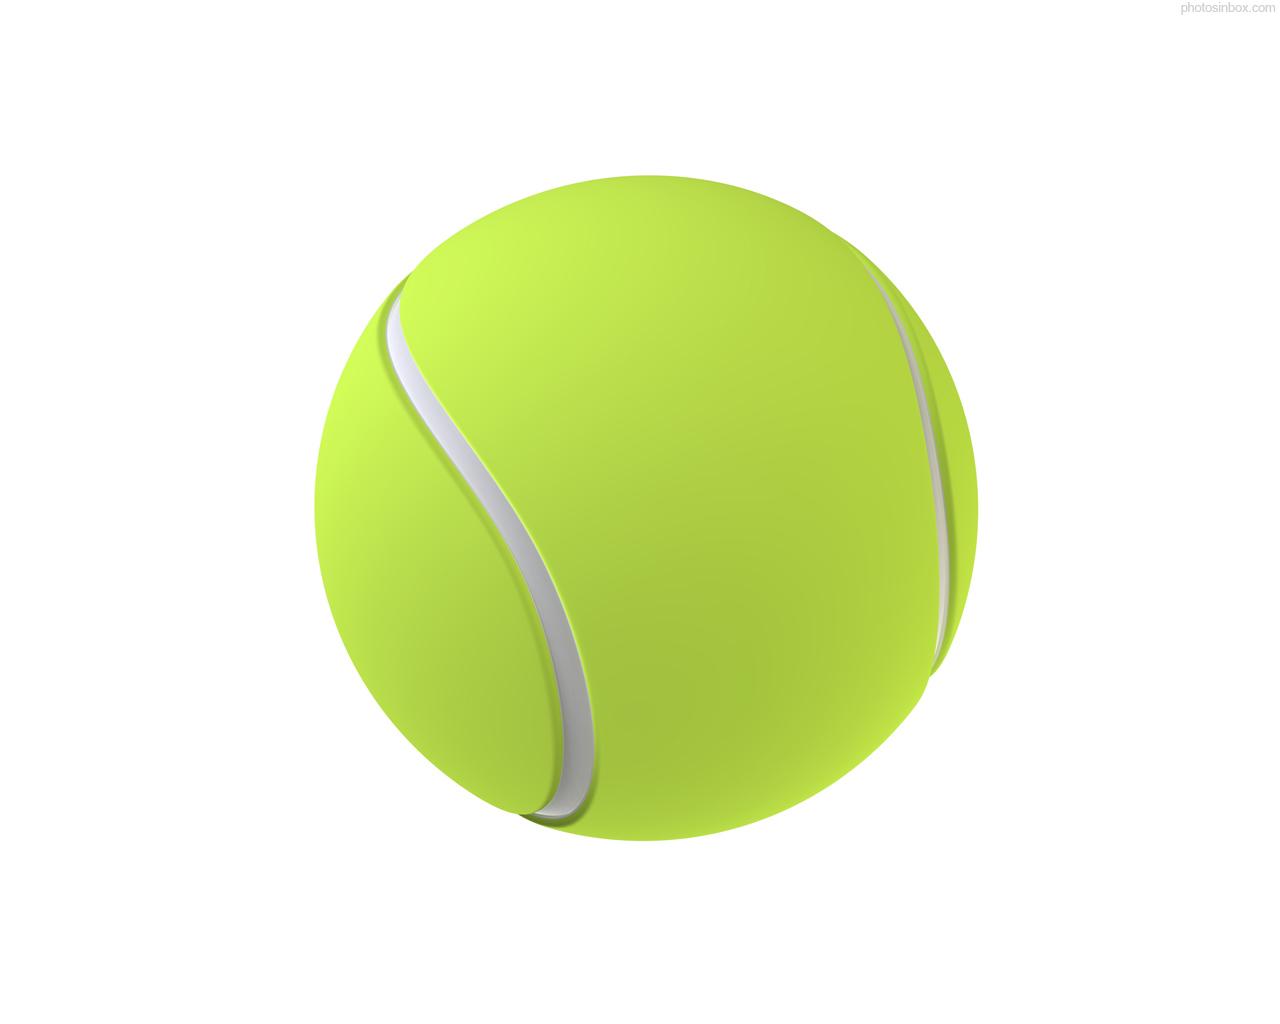 clipart tennis - photo #24